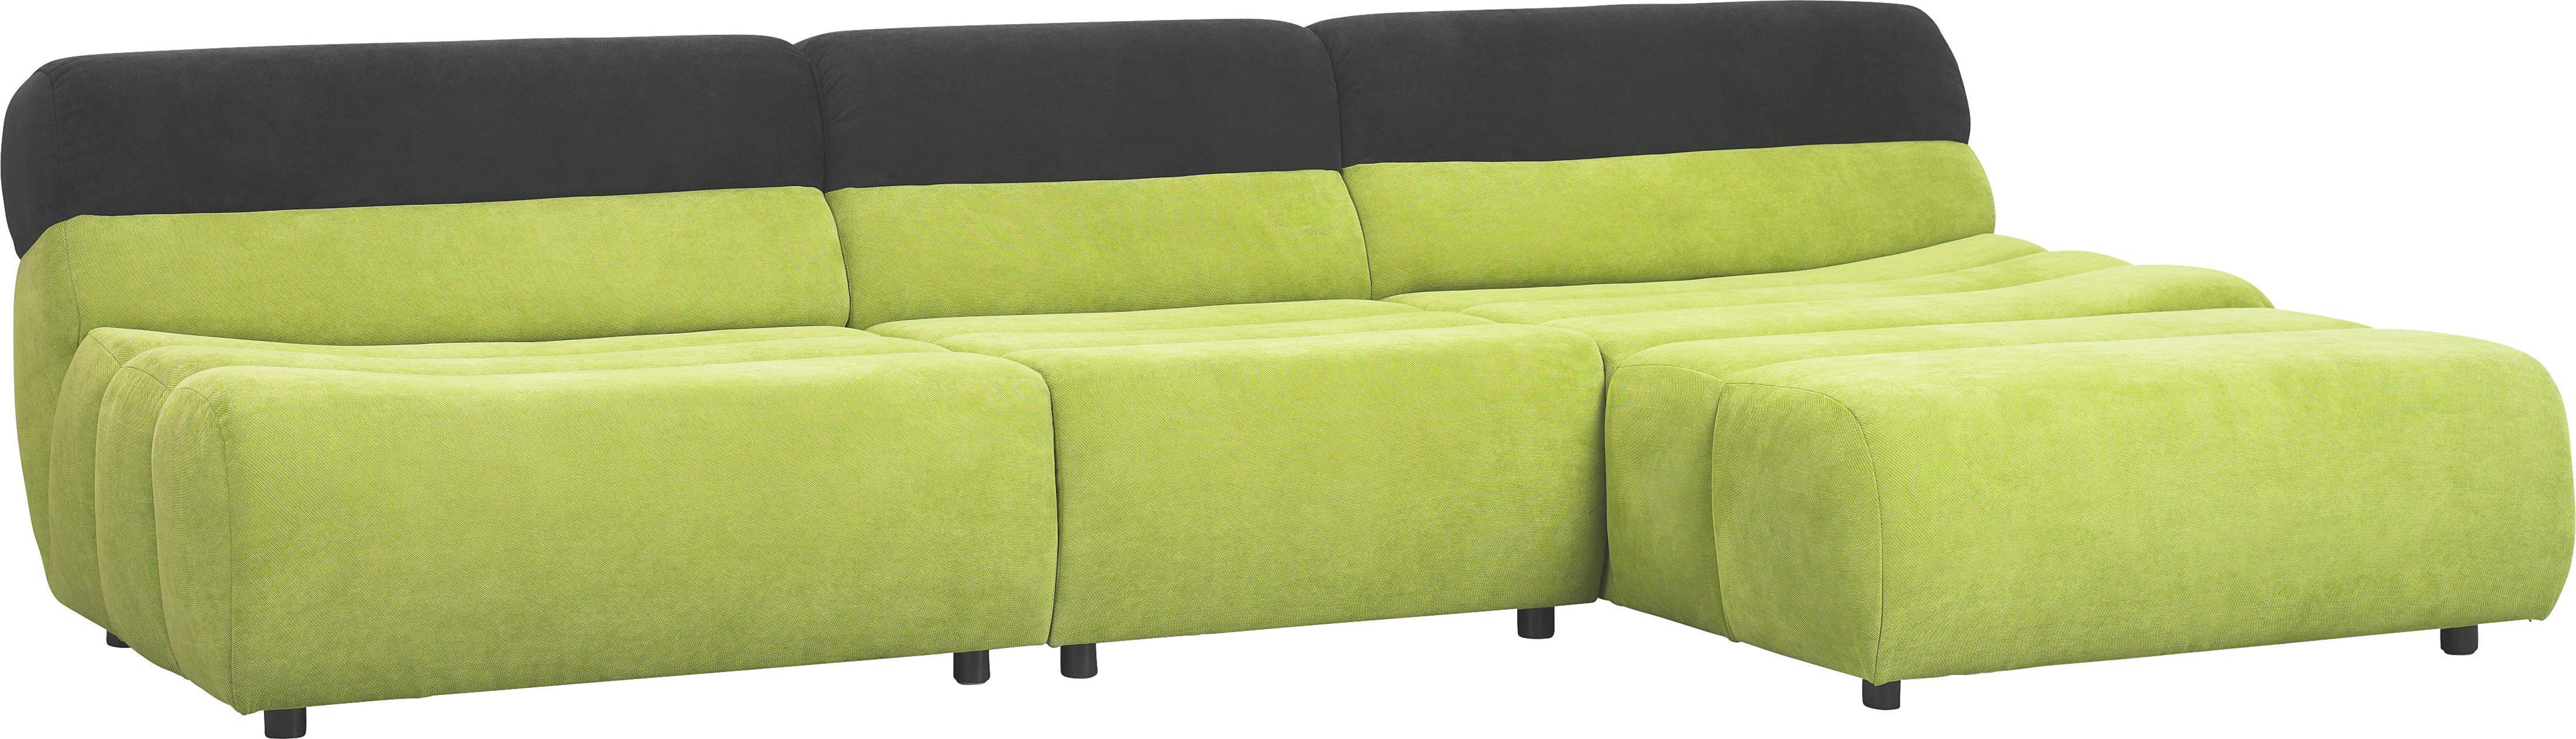 WOHNLANDSCHAFT Webstoff - Schwarz/Grün, Design, Kunststoff/Textil (295/76/170cm)